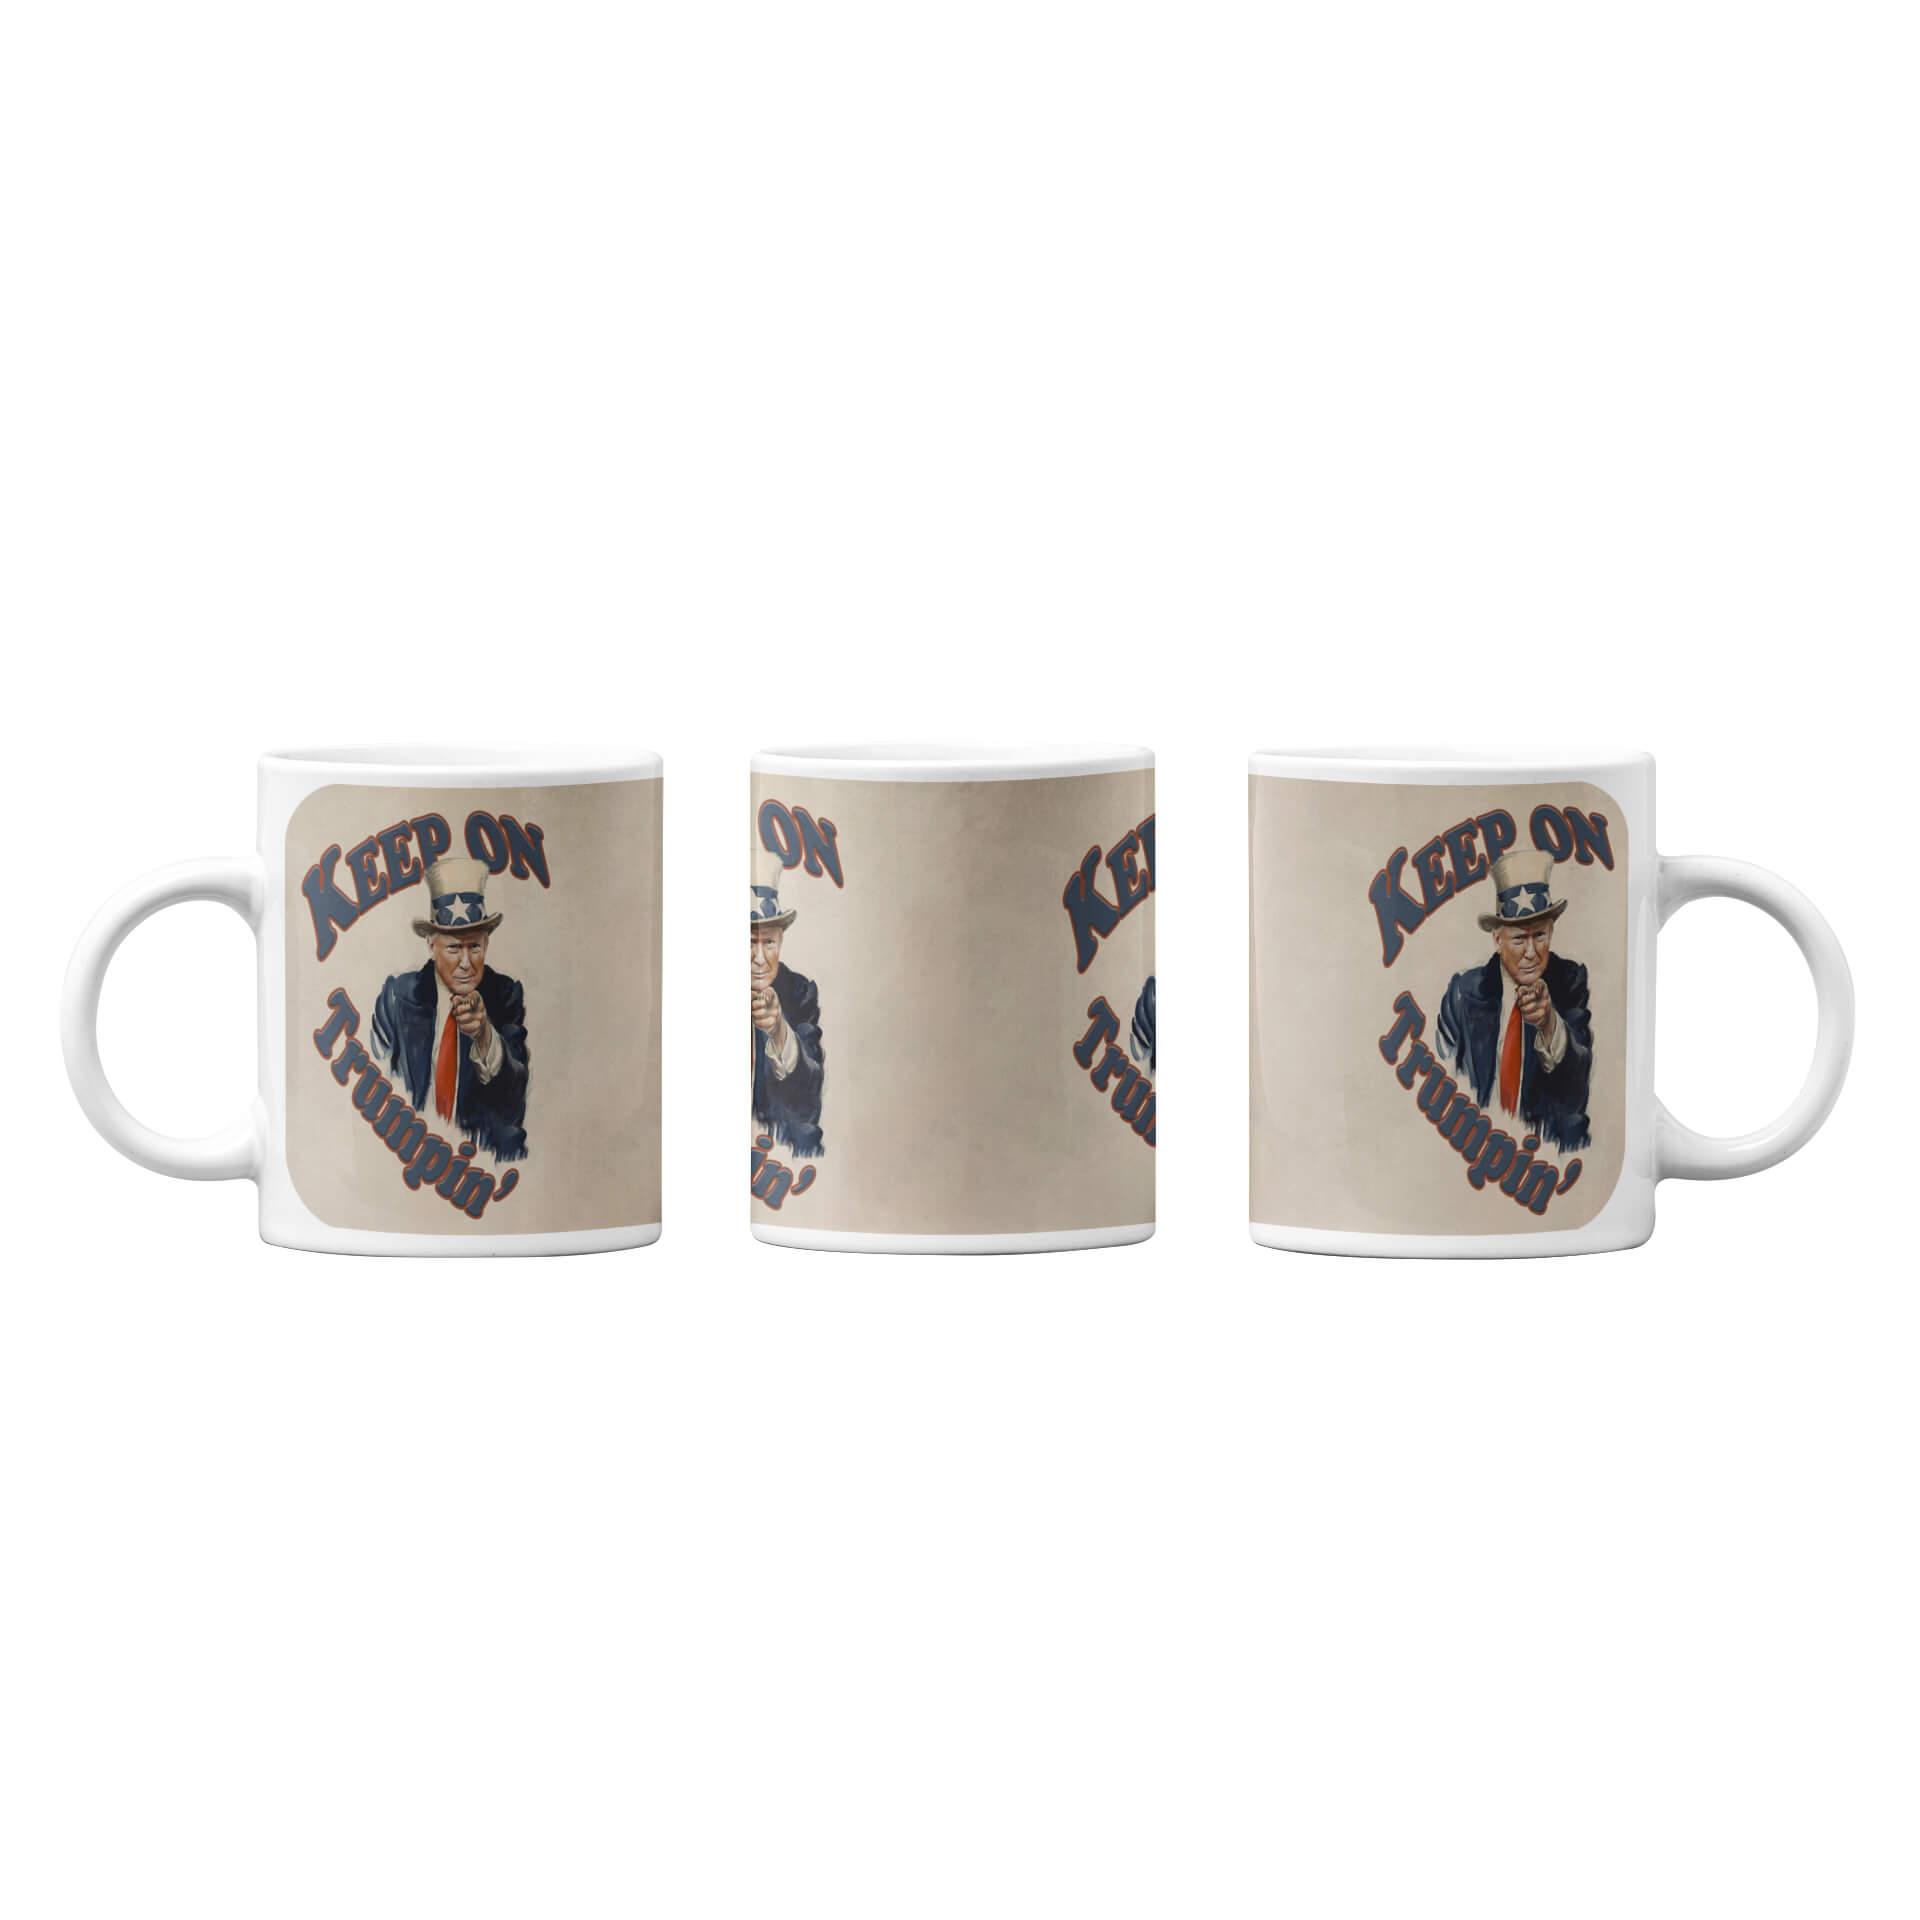 Uncle Trump - Keep on Trumpin' Mug